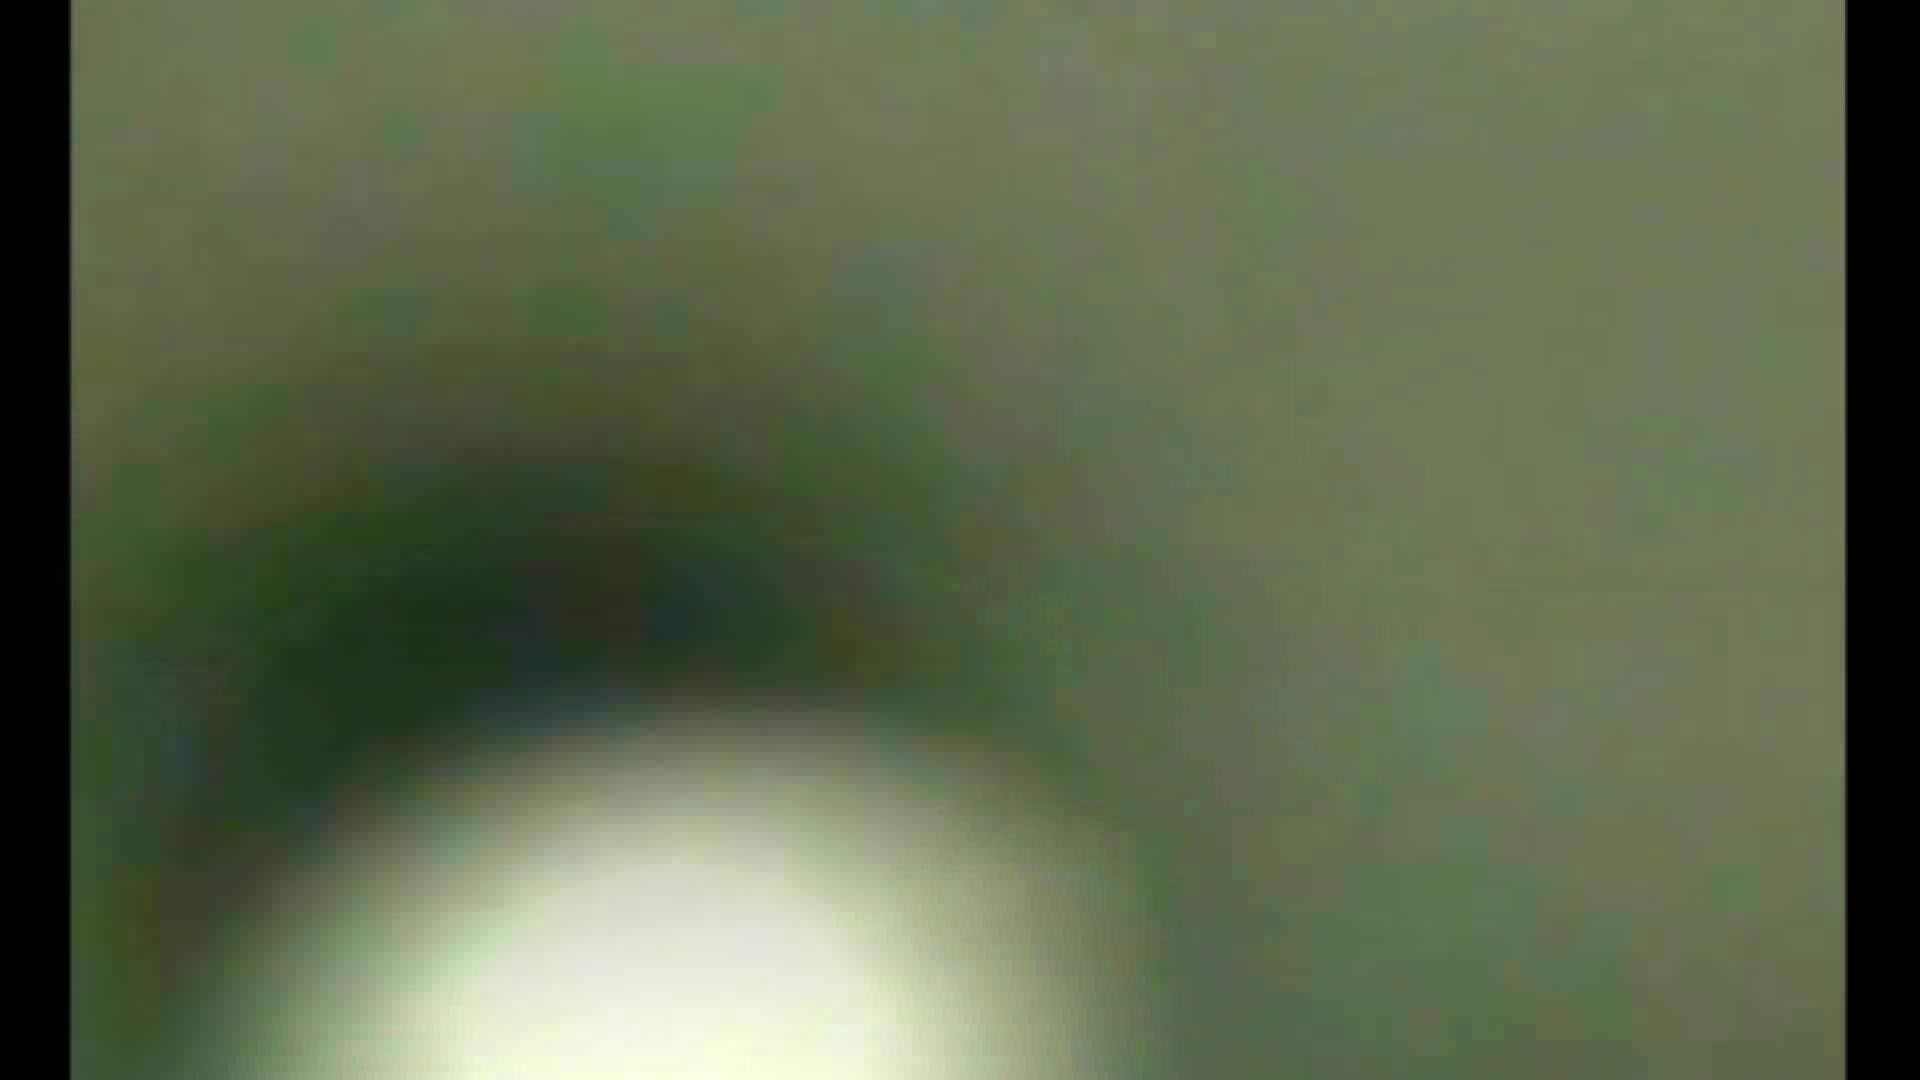 イケメンの素顔in洗面所 Vol.14 男天国 | イケメンのsex  102pic 41